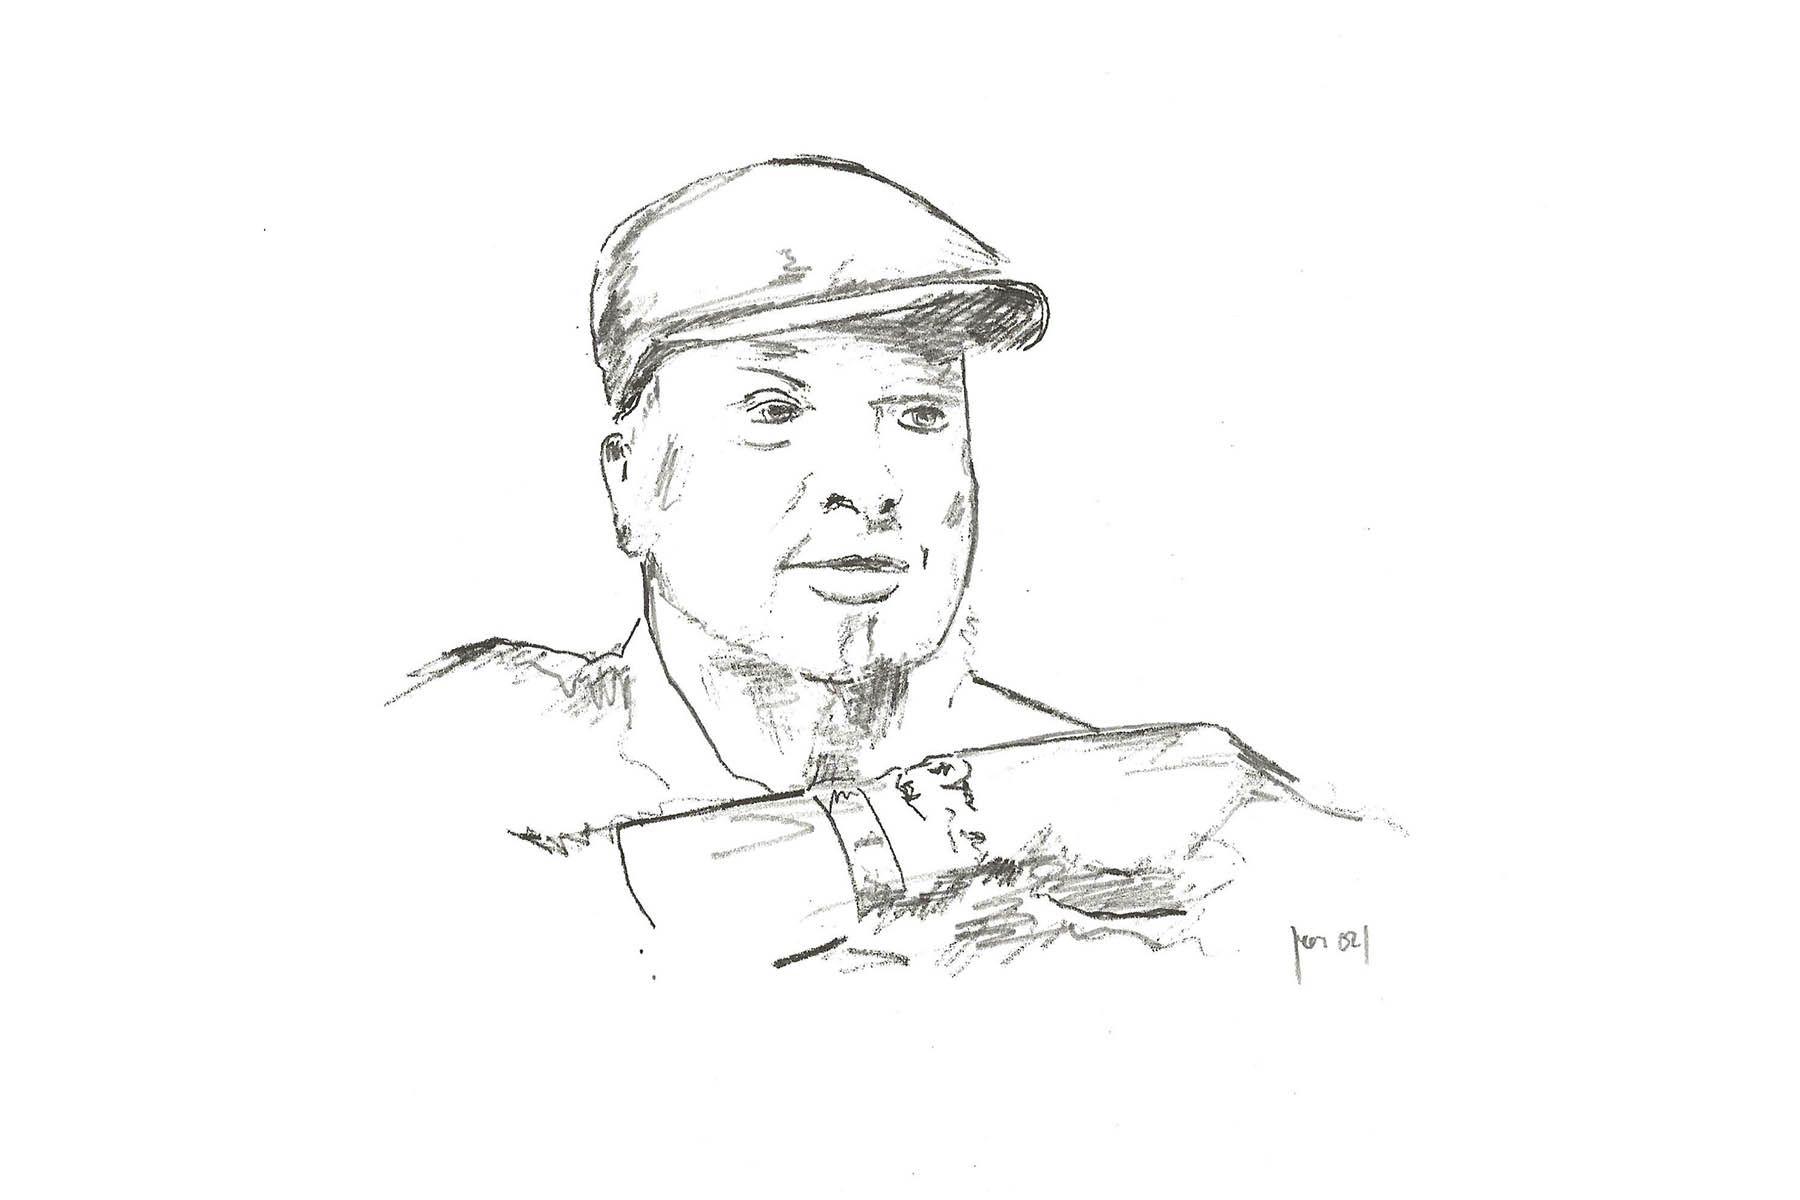 Zeichnung von Peter M. Haas